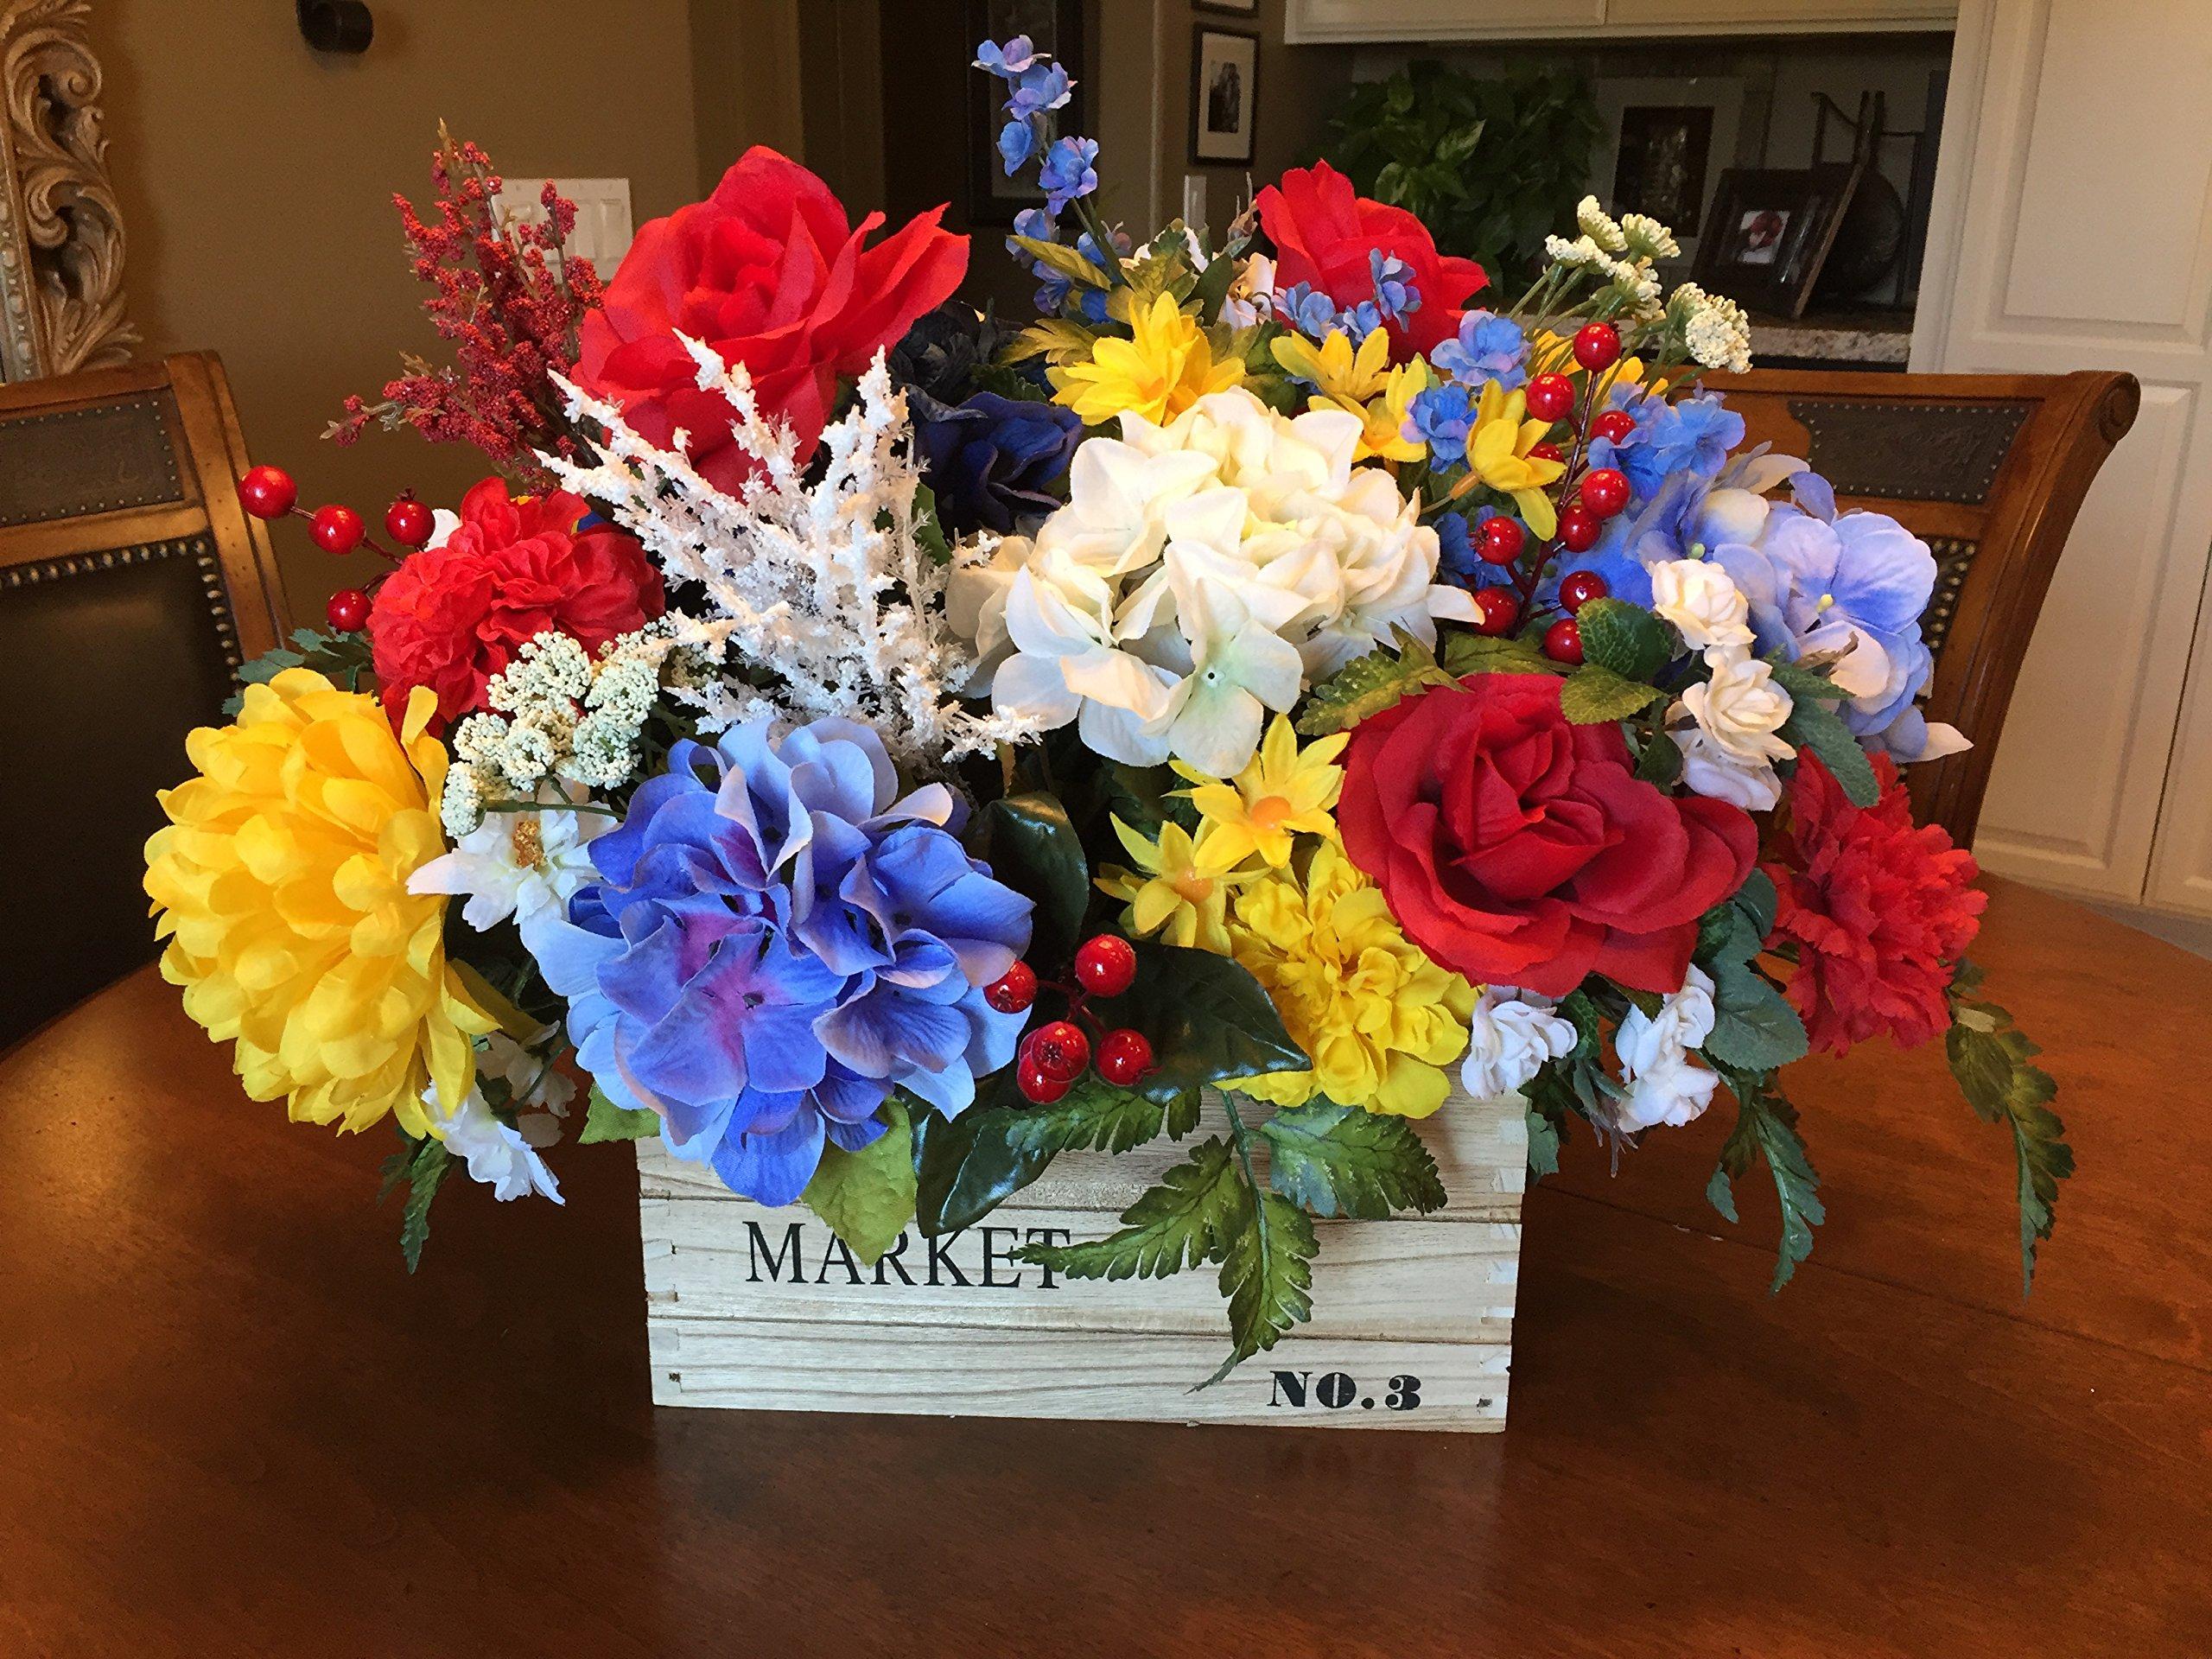 Spring Floral Centerpiece, Cottage Floral Arrangement, Garden Party Floral Design, Elegant Floral Arrangement, Home Floral Design, Gift for Her